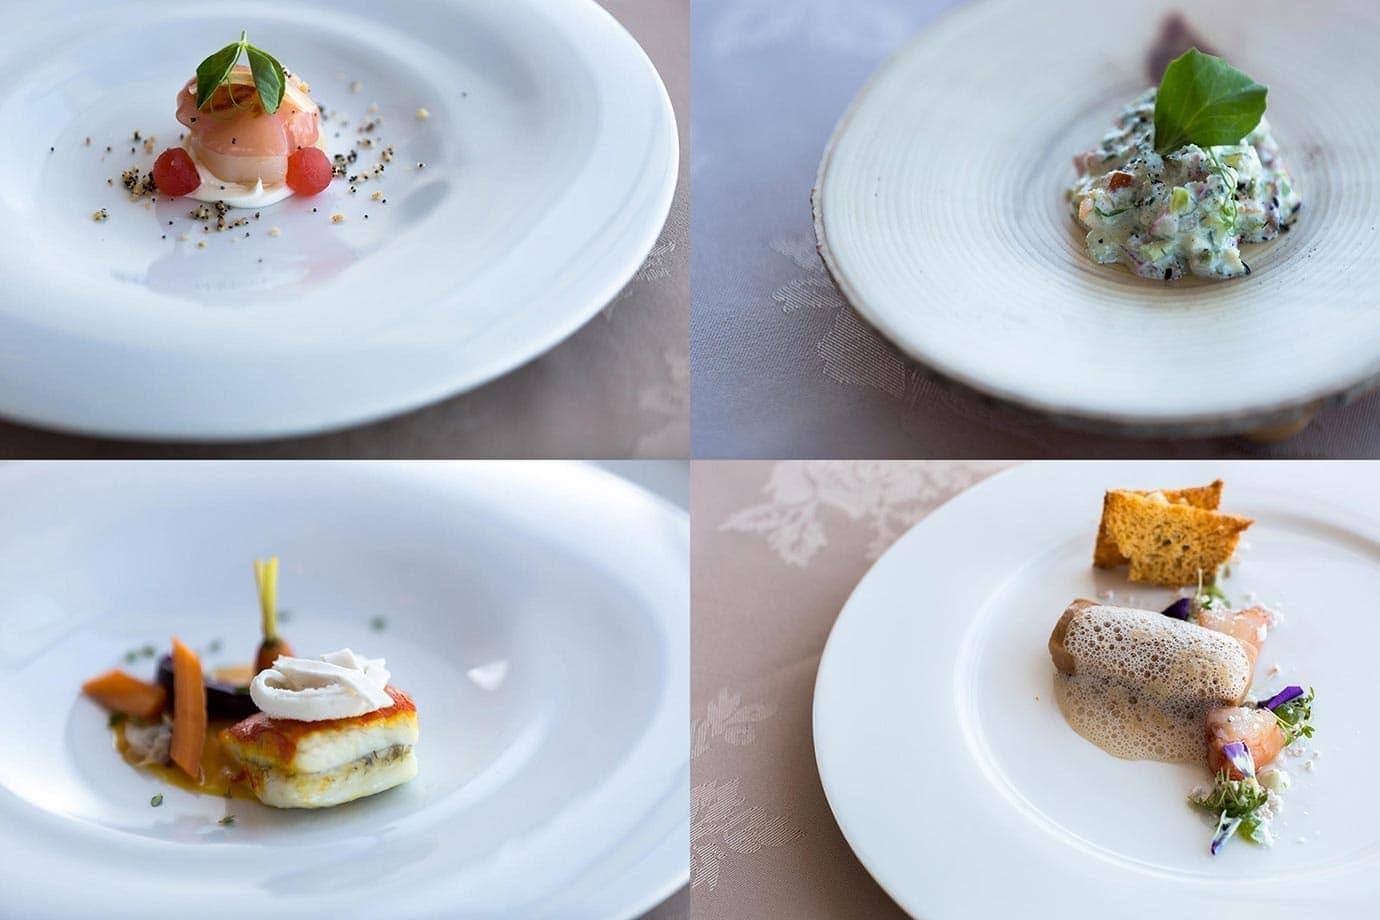 Restaurant Review: Sarfalik, Greenland